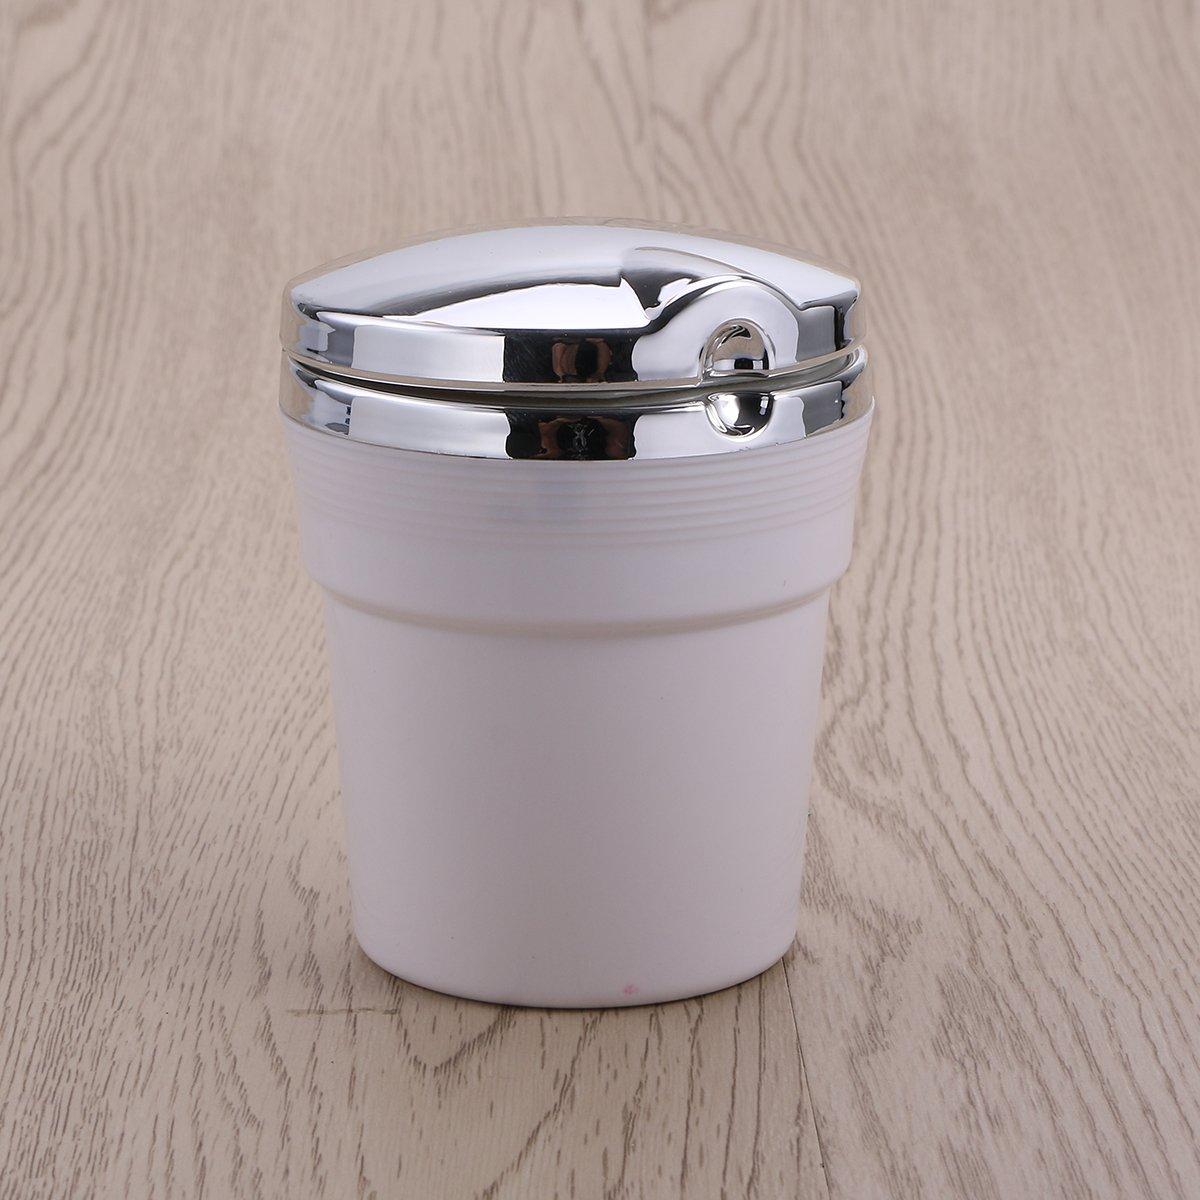 wei/ß VORCOOL Tragbare Auto Auto Rauchfreien St/änder Zylinder Cup Holder Zigarette Aschenbecher mit Blau LED-Licht